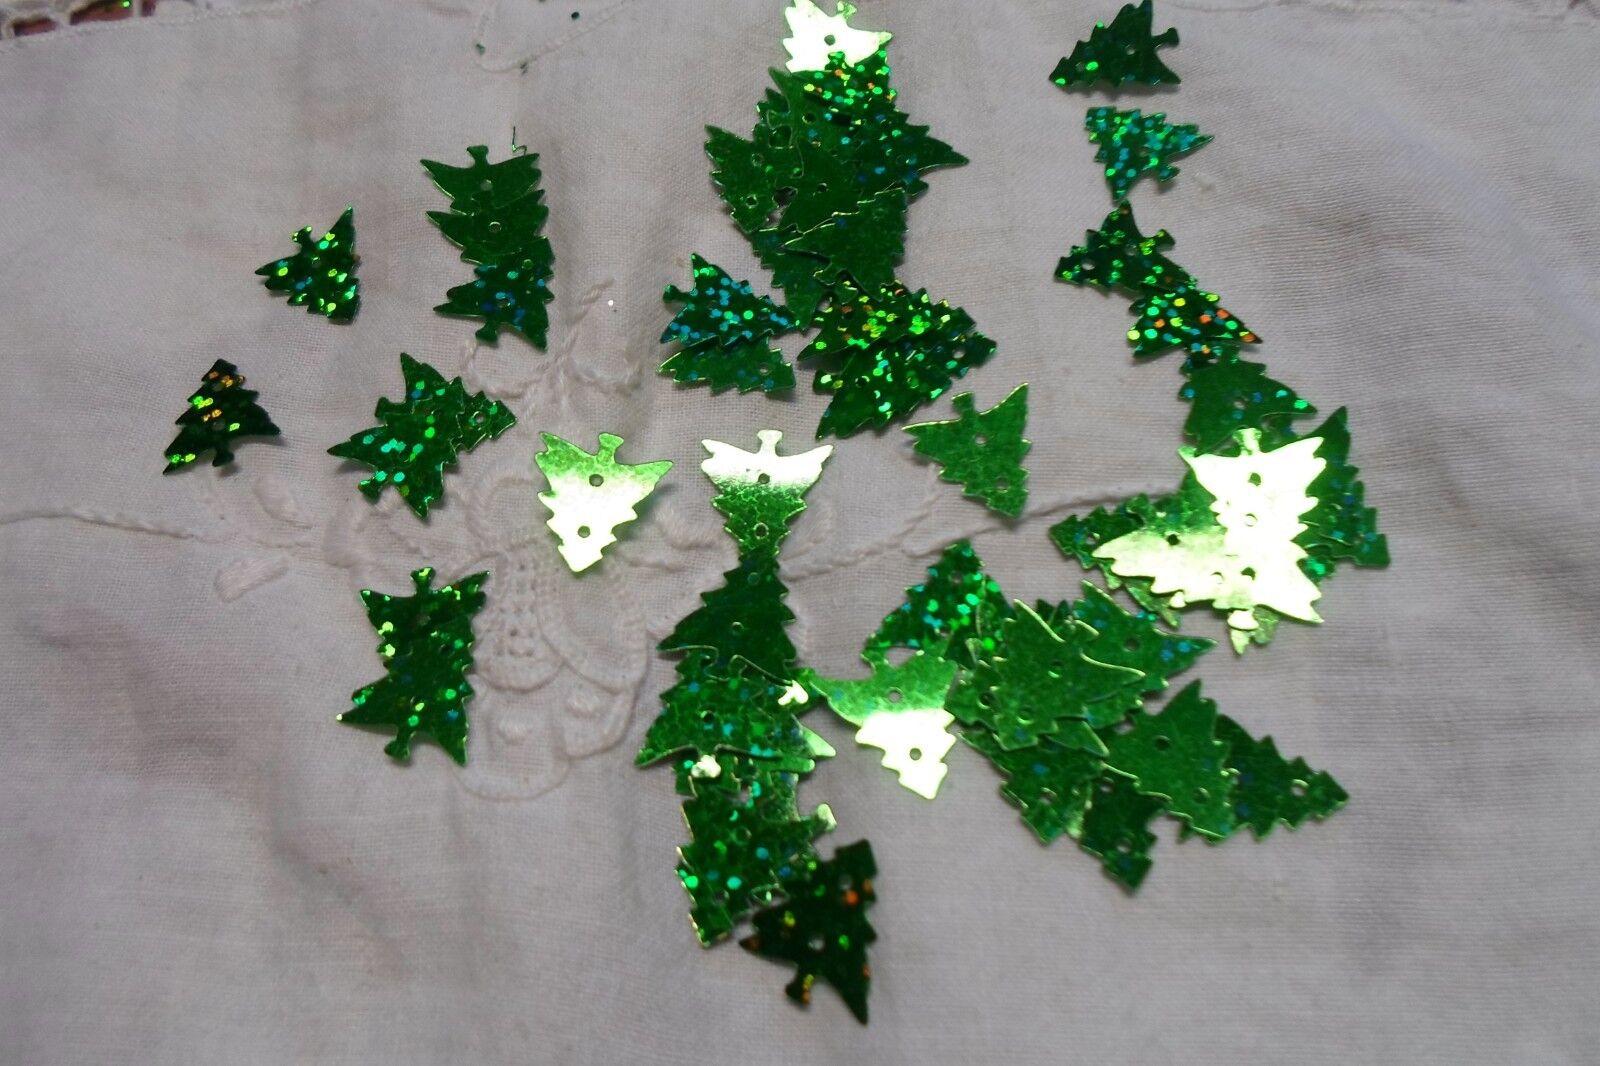 1500 1500 1500 ALBERO  COL verde   PAILLETTES   MM 18 DECORARE FESTE LA TAVOLA 142d6d